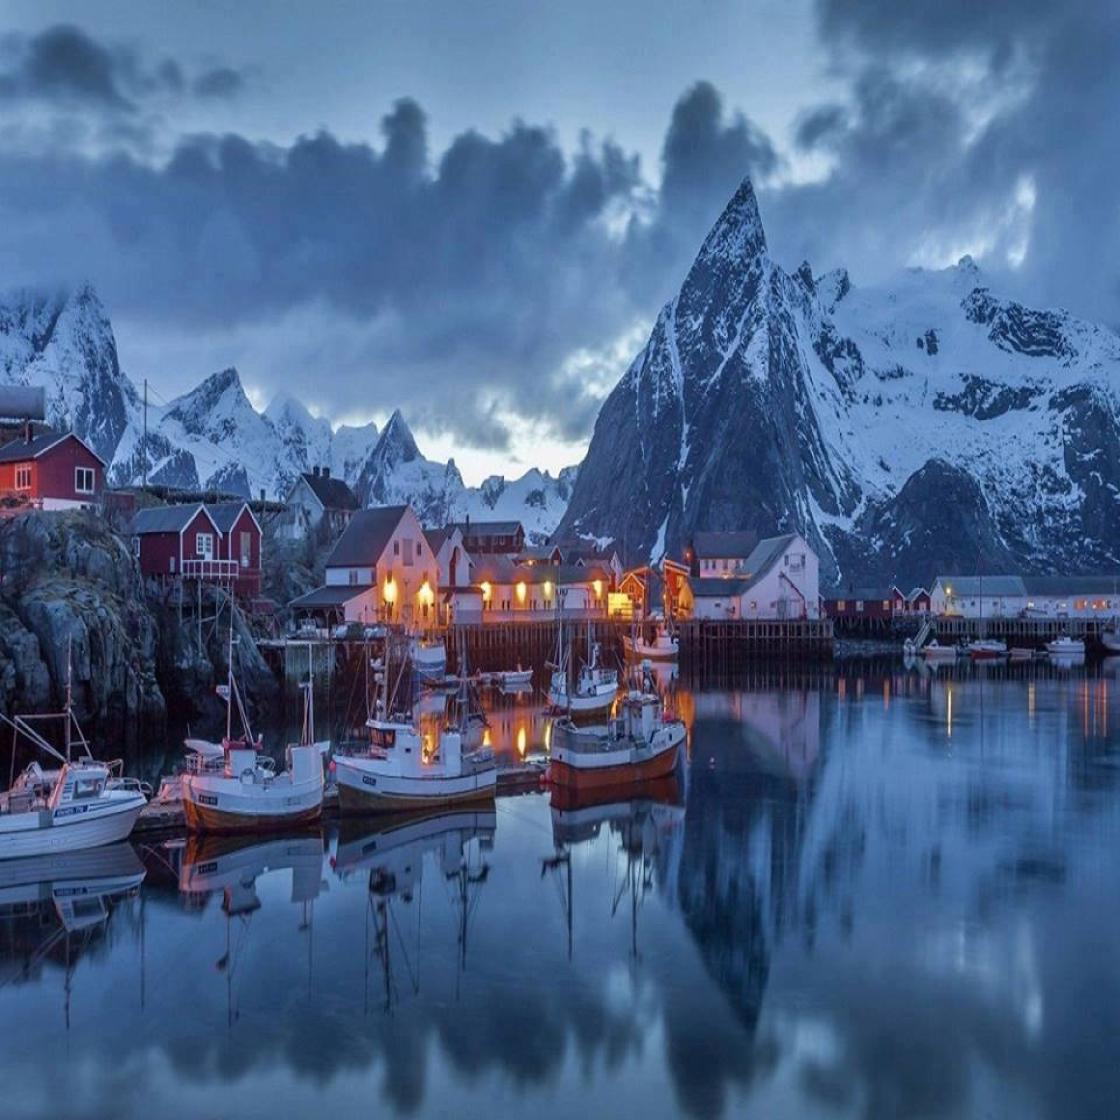 Moskenes Norway 🇳🇴